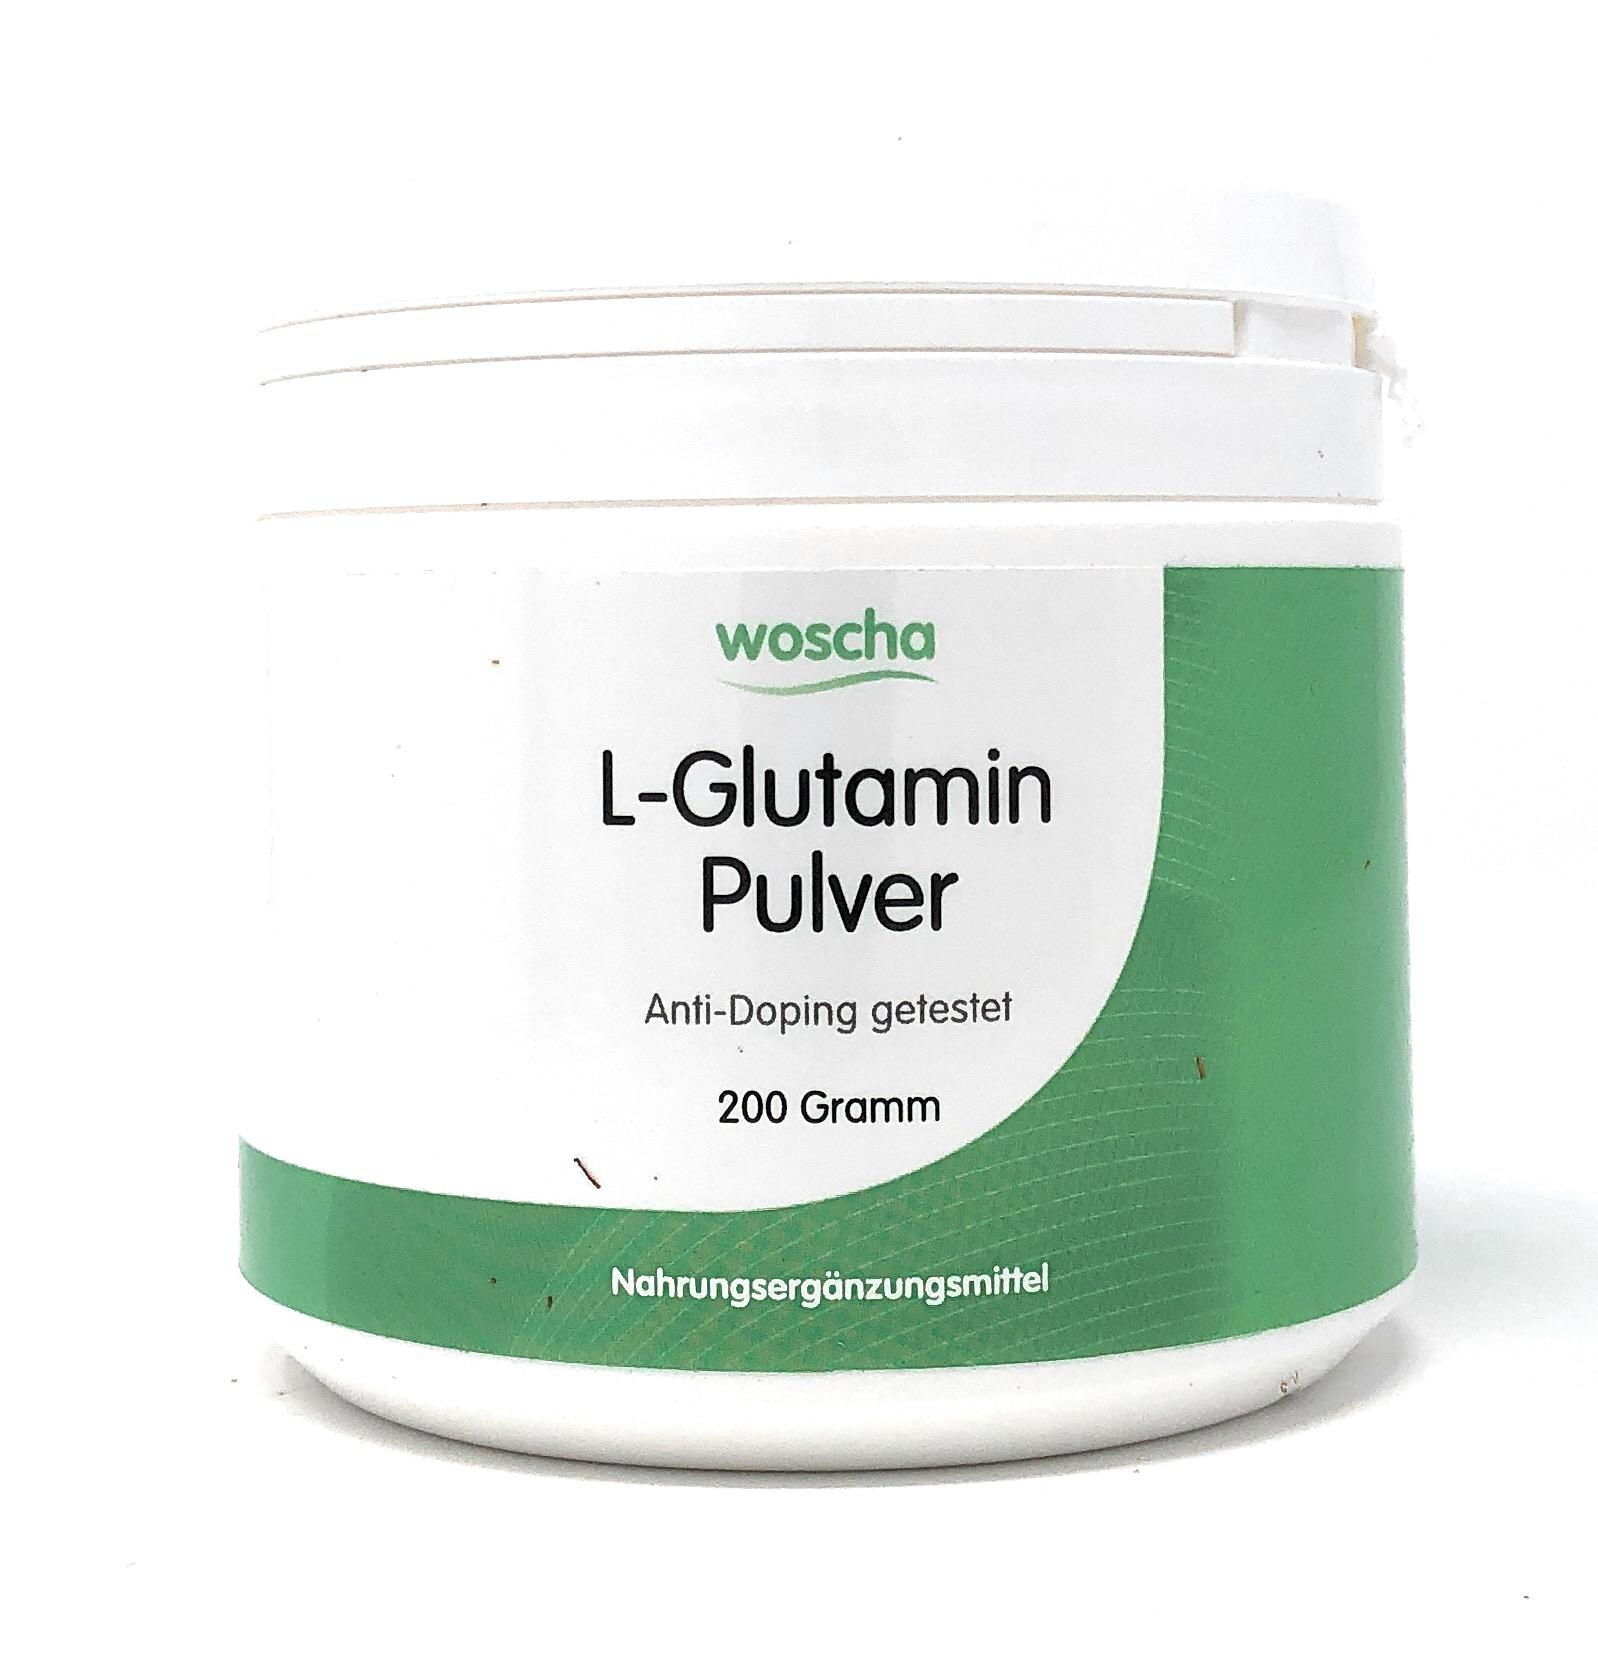 woscha L-GLUTAMIN PULVER 200 g (vegan)